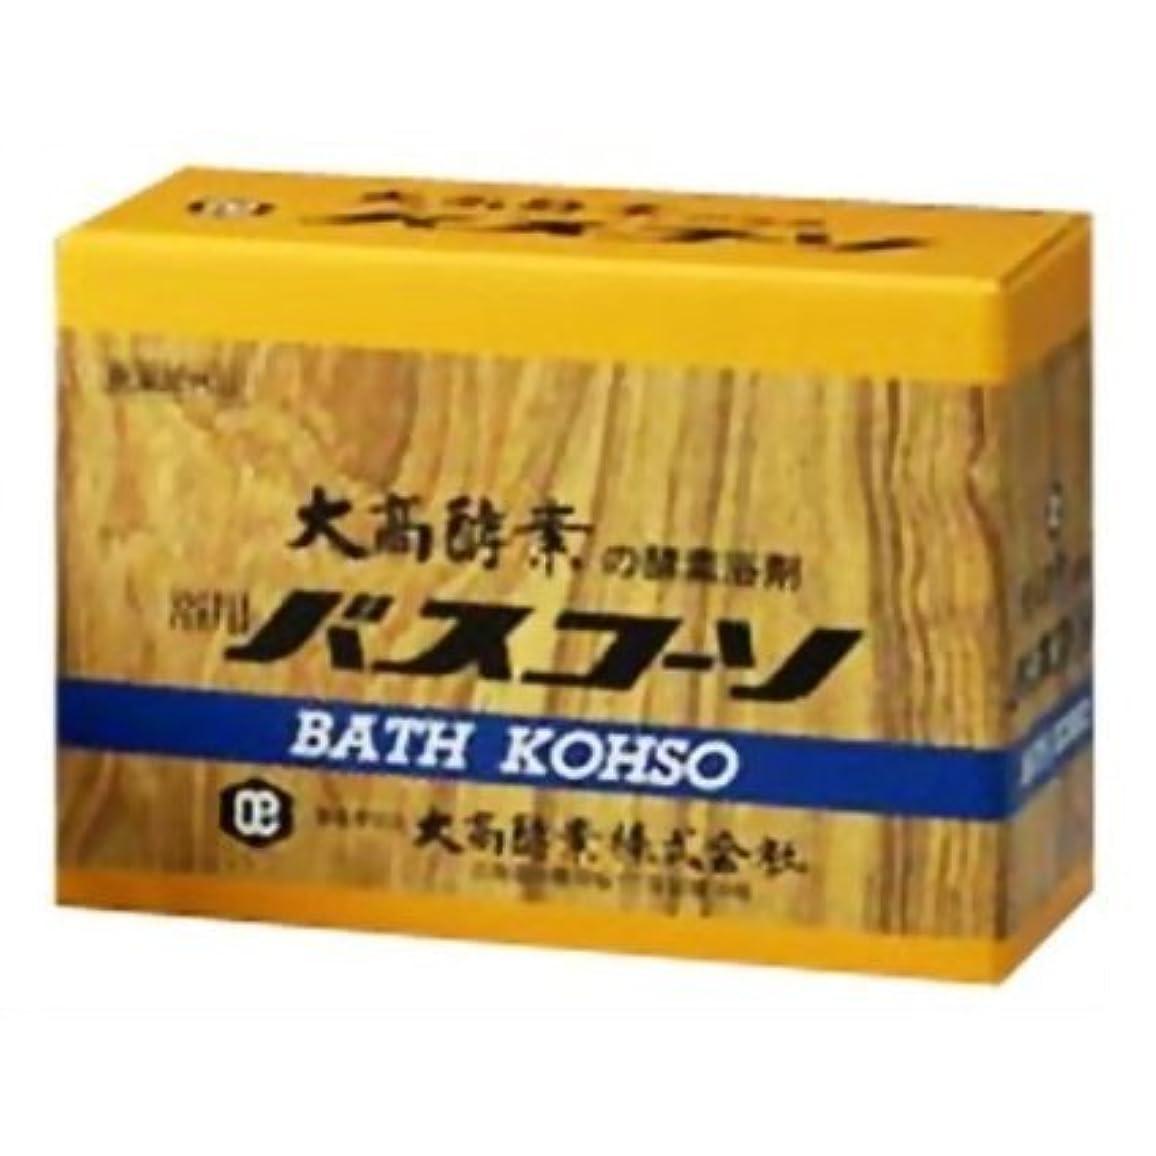 制約ウェブギネス大高酵素 浴用バスコーソ 100gx6 【4個セット】